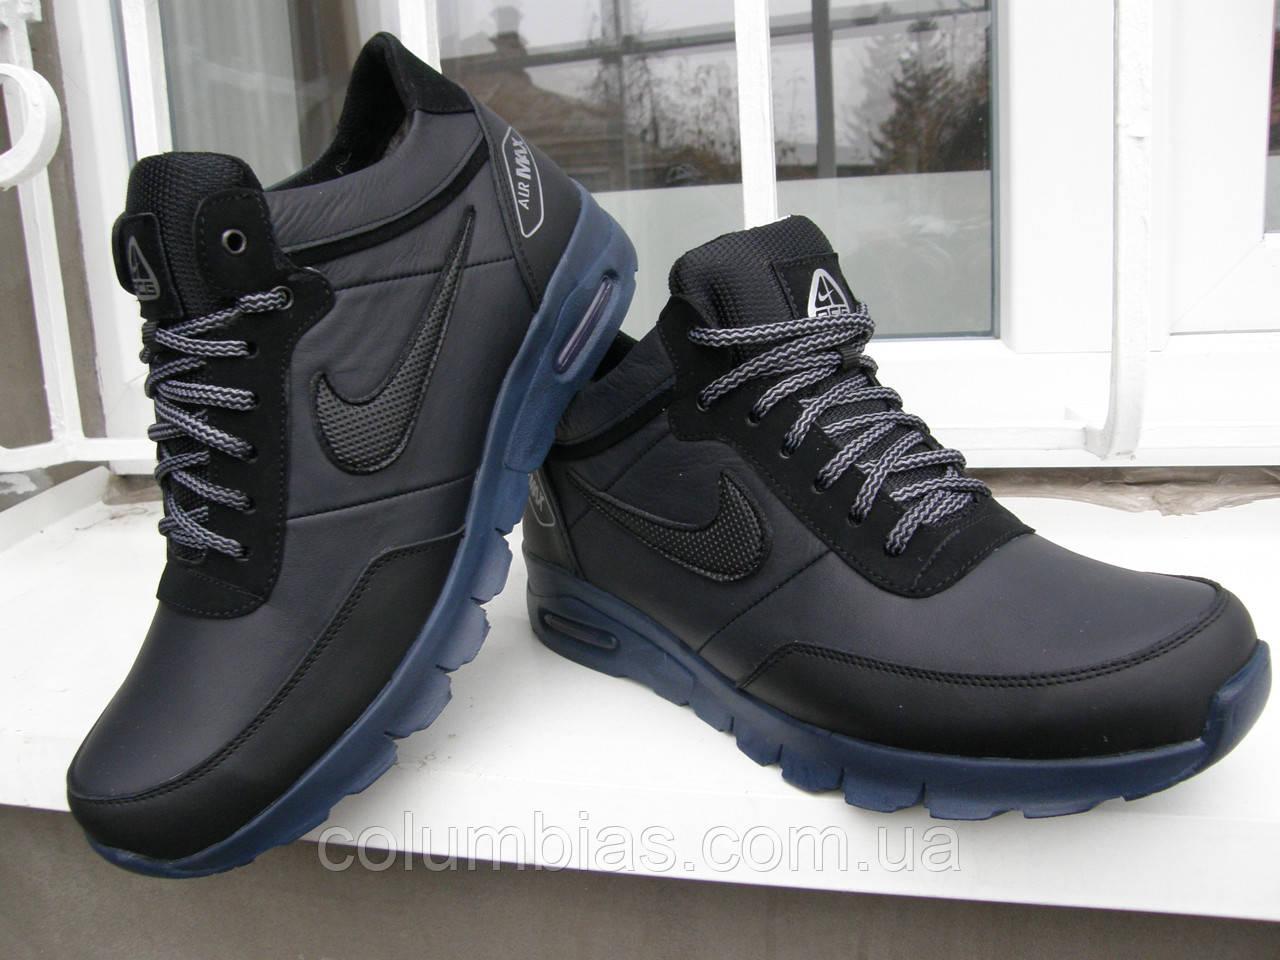 Зимние меховые кроссовки Nike н9 из натуральной кожи - ВЕСЬ ТОВАР В  НАЛИЧИИ. ЗВОНИТЕ В dfe5a2de279